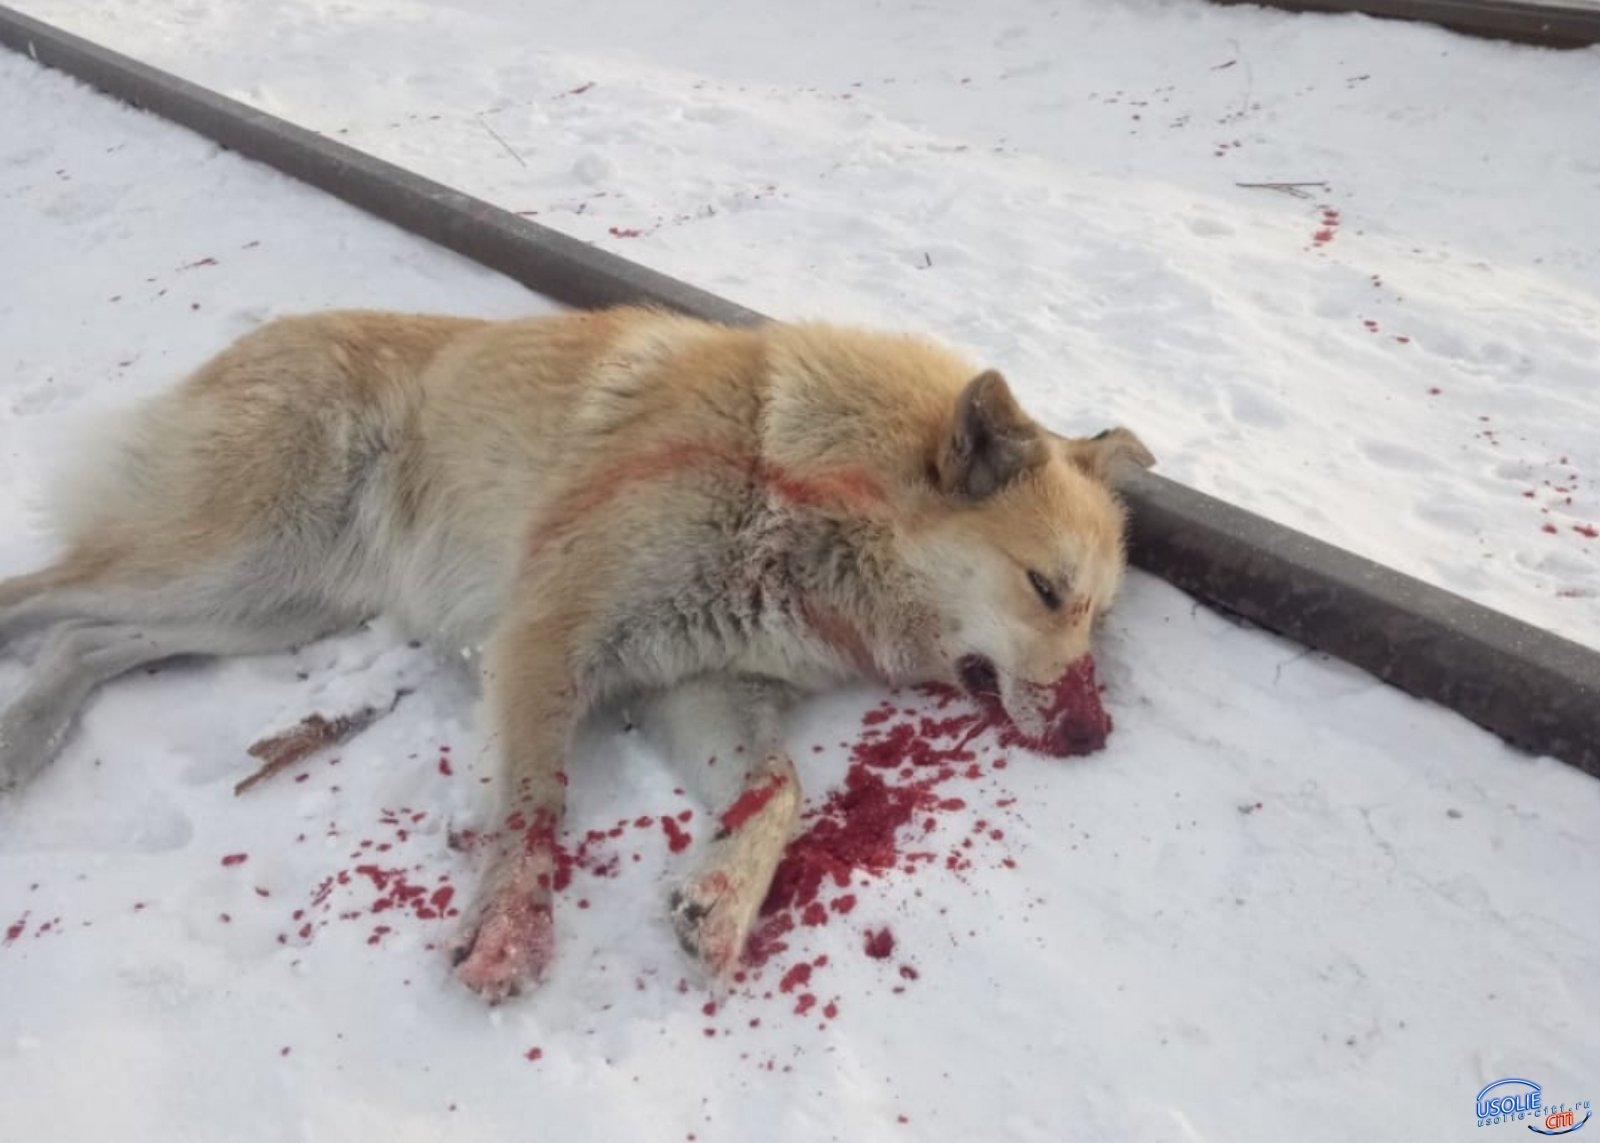 Полиция утверждает, что в Усолье в собаку не стреляли